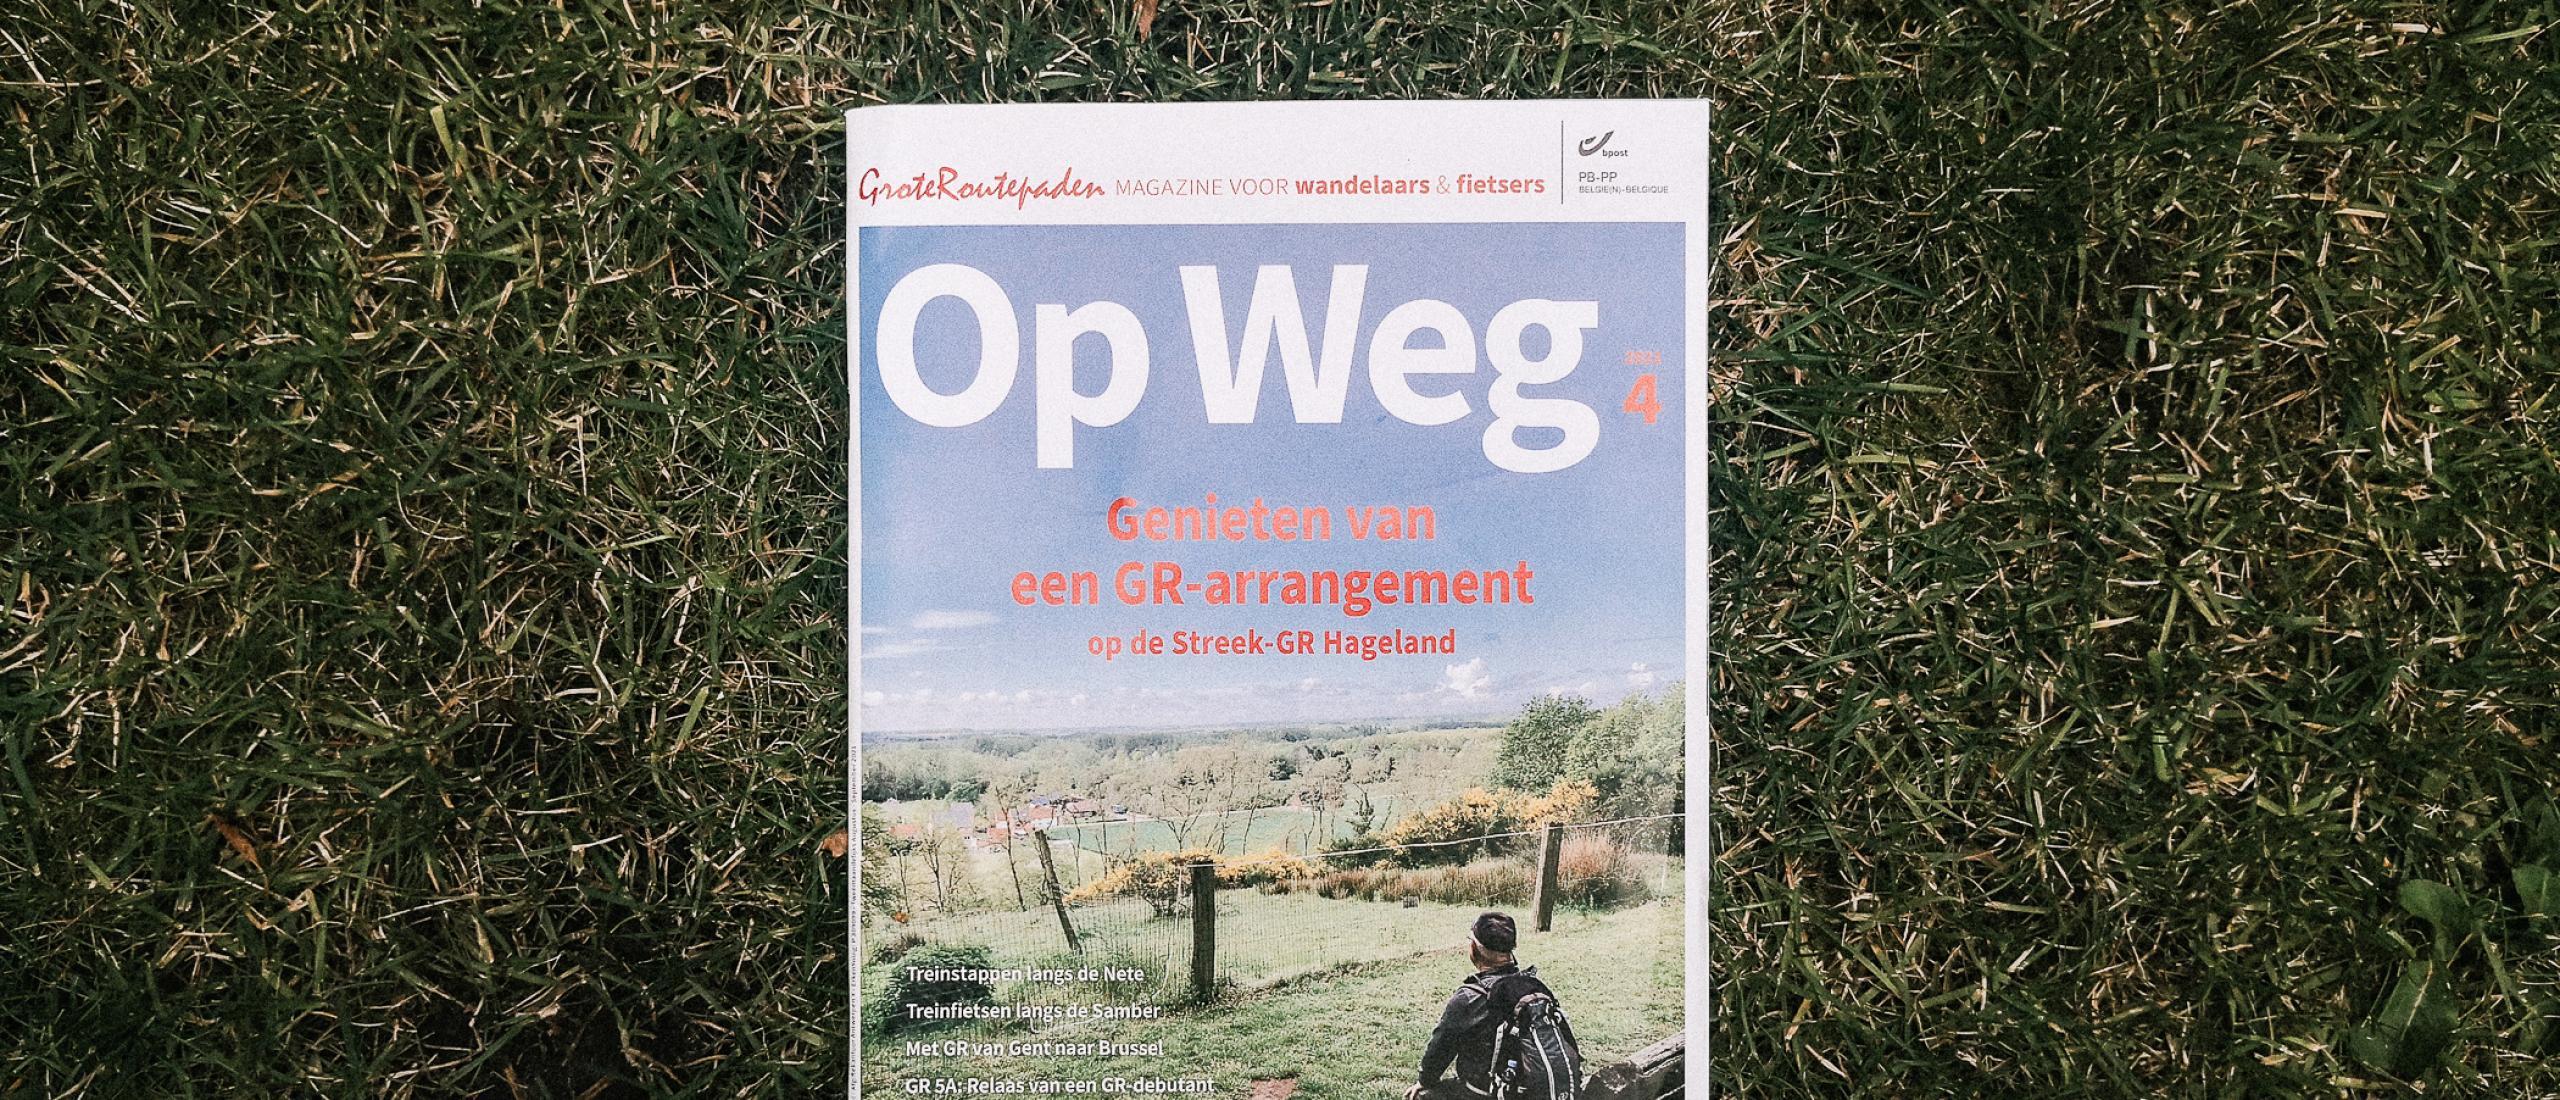 Lekker lezen: het magazine Op Weg